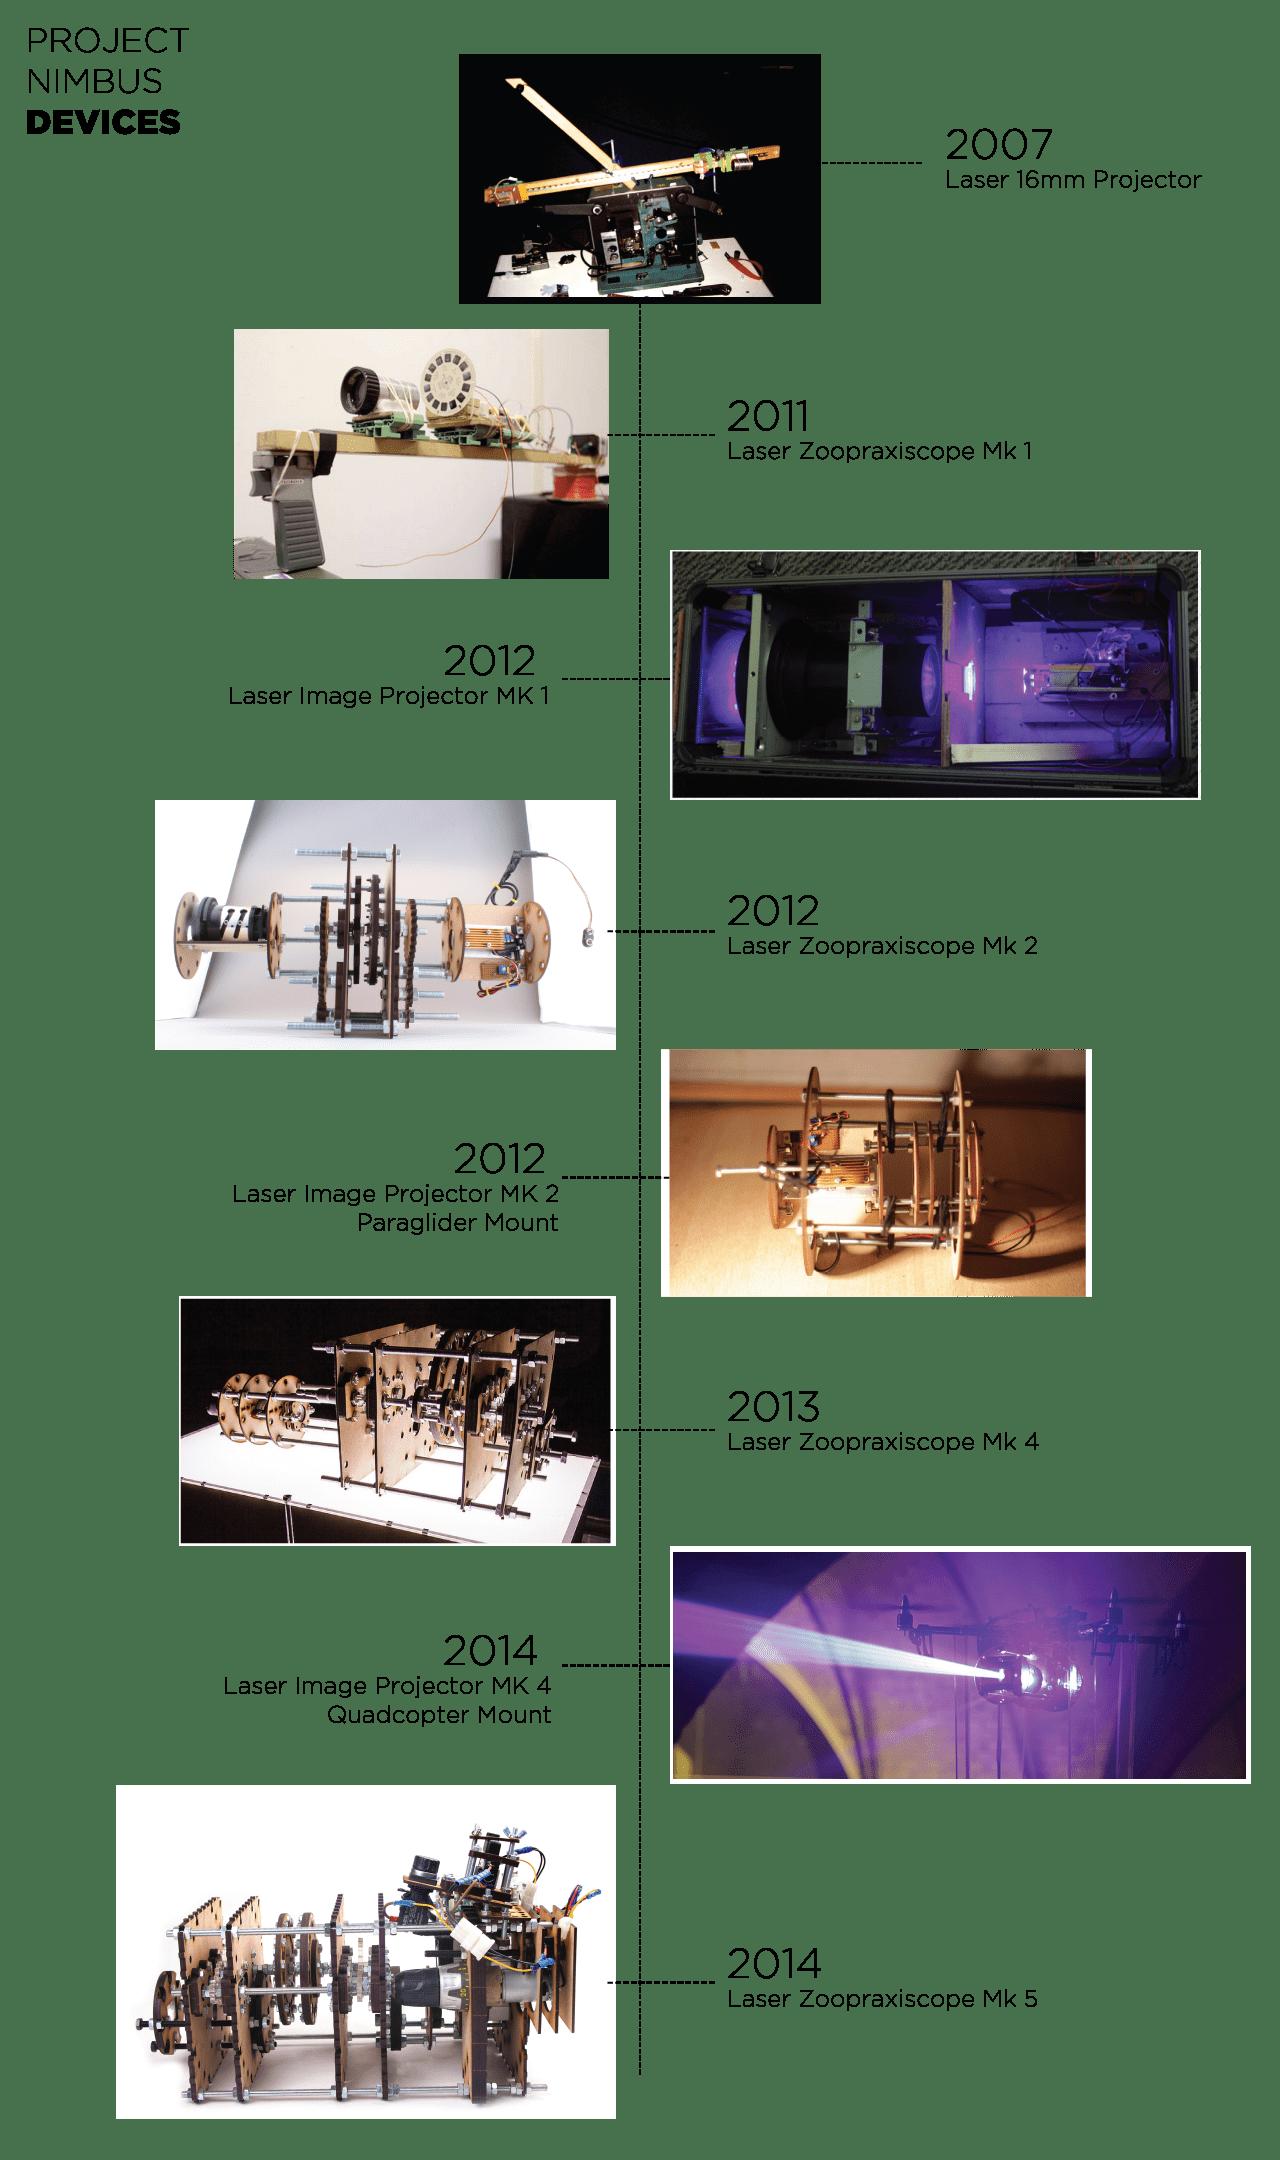 Nimbus-ACE-elements